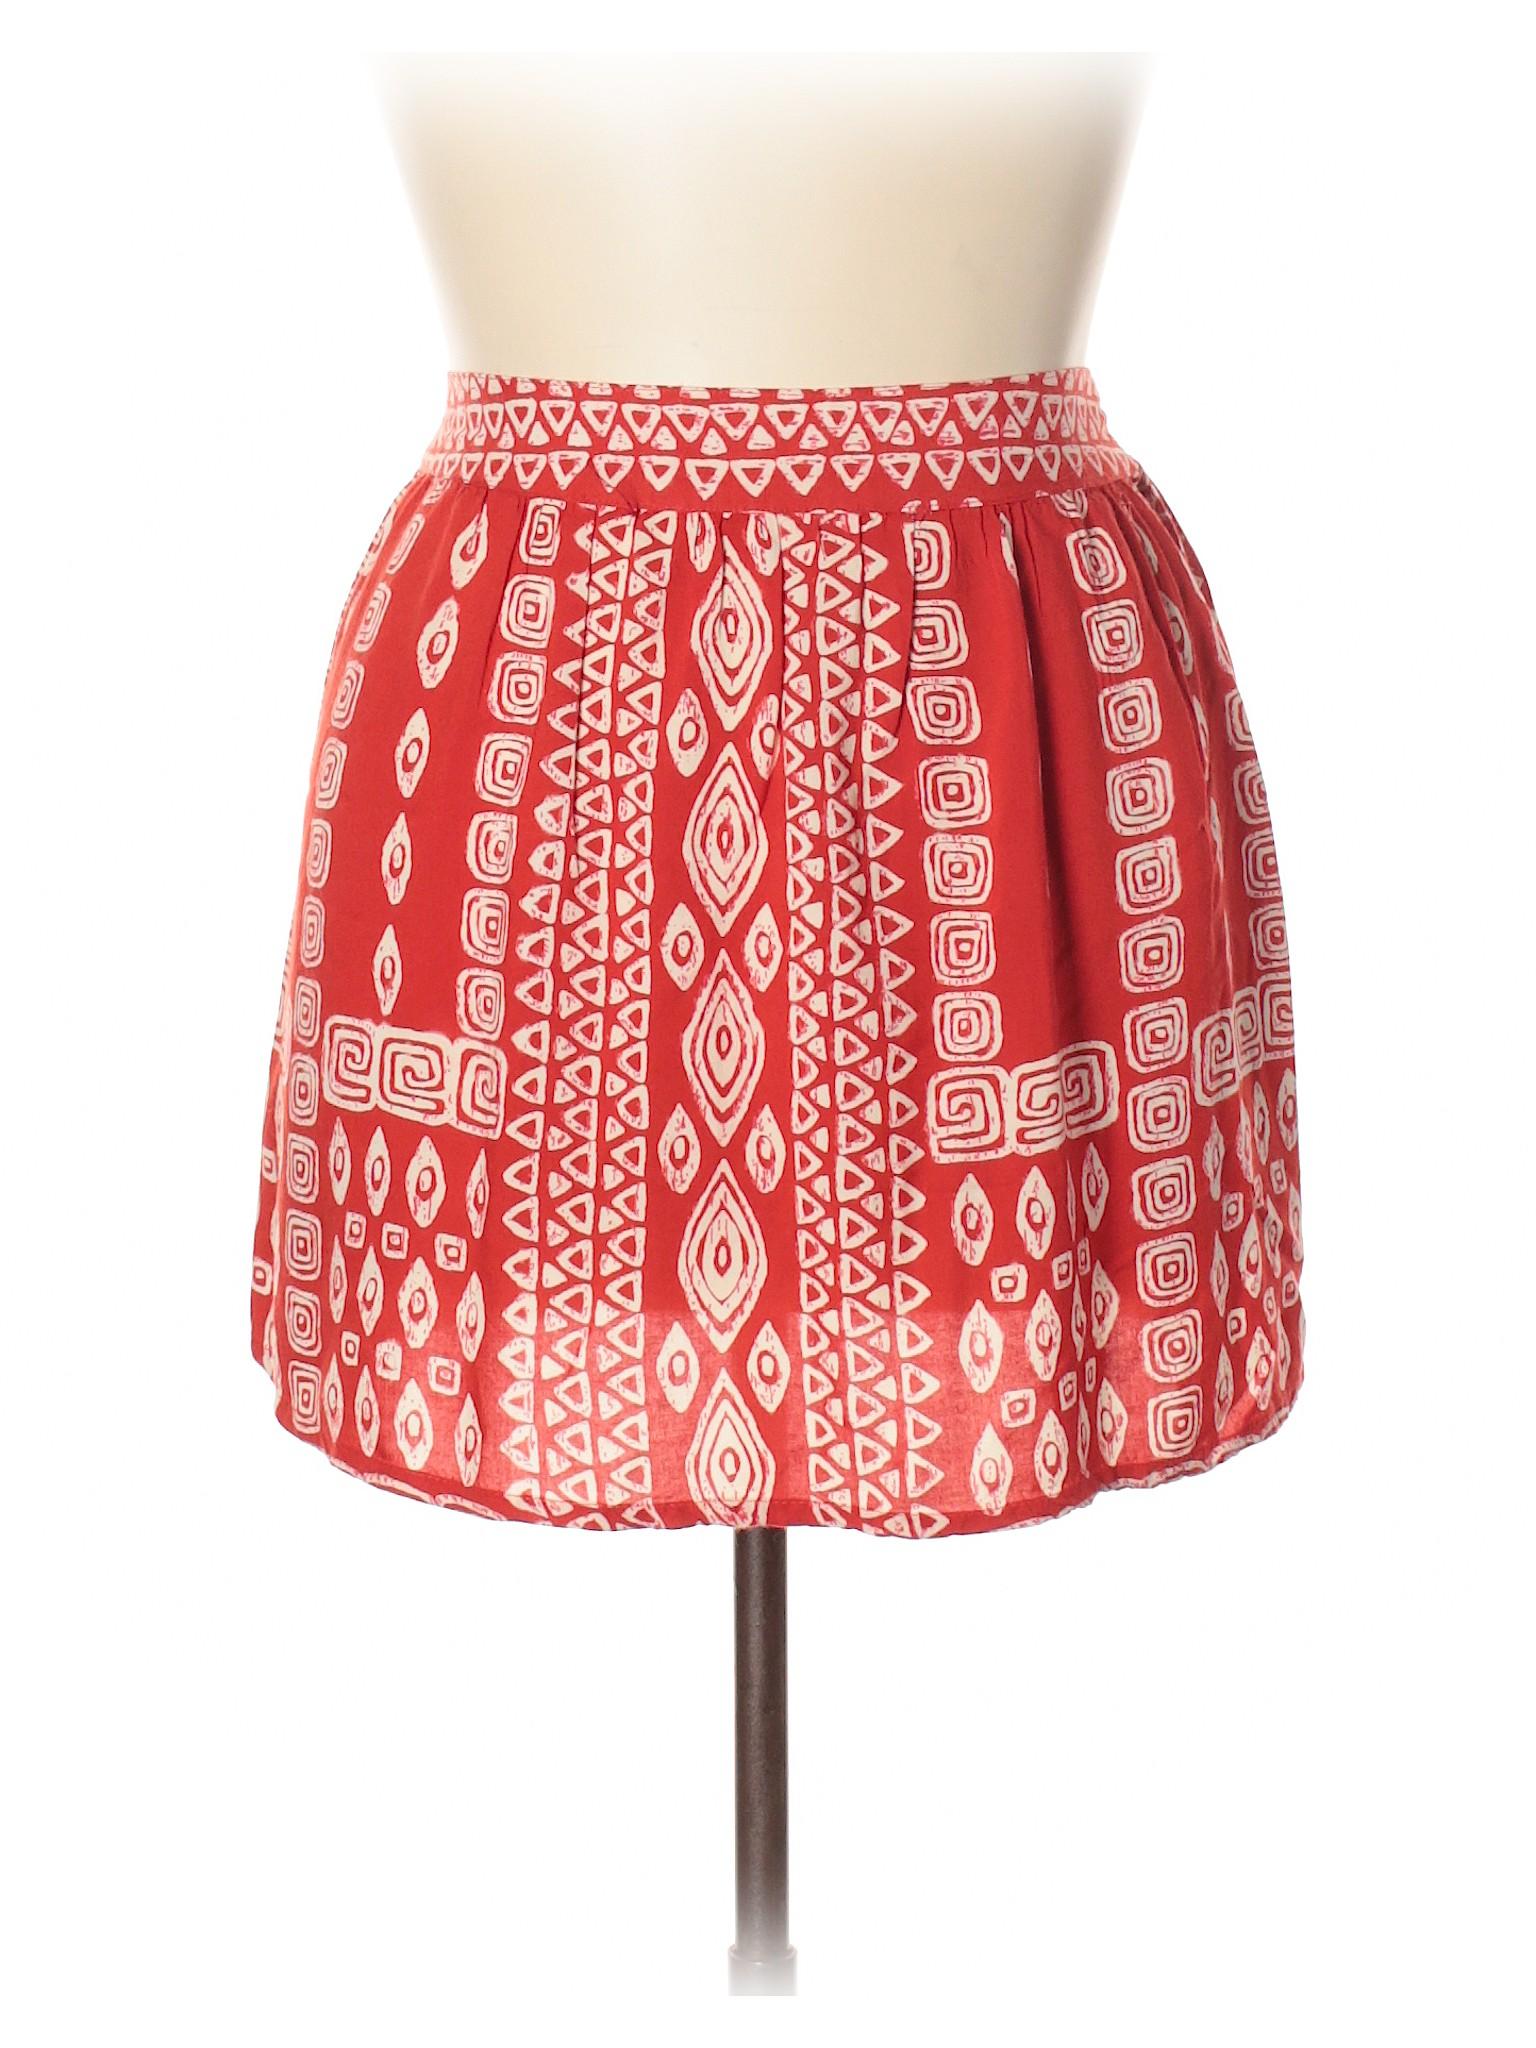 Boutique Skirt Skirt Boutique Boutique Casual Casual Boutique Skirt Casual Casual Boutique Skirt wIPqrnI6x